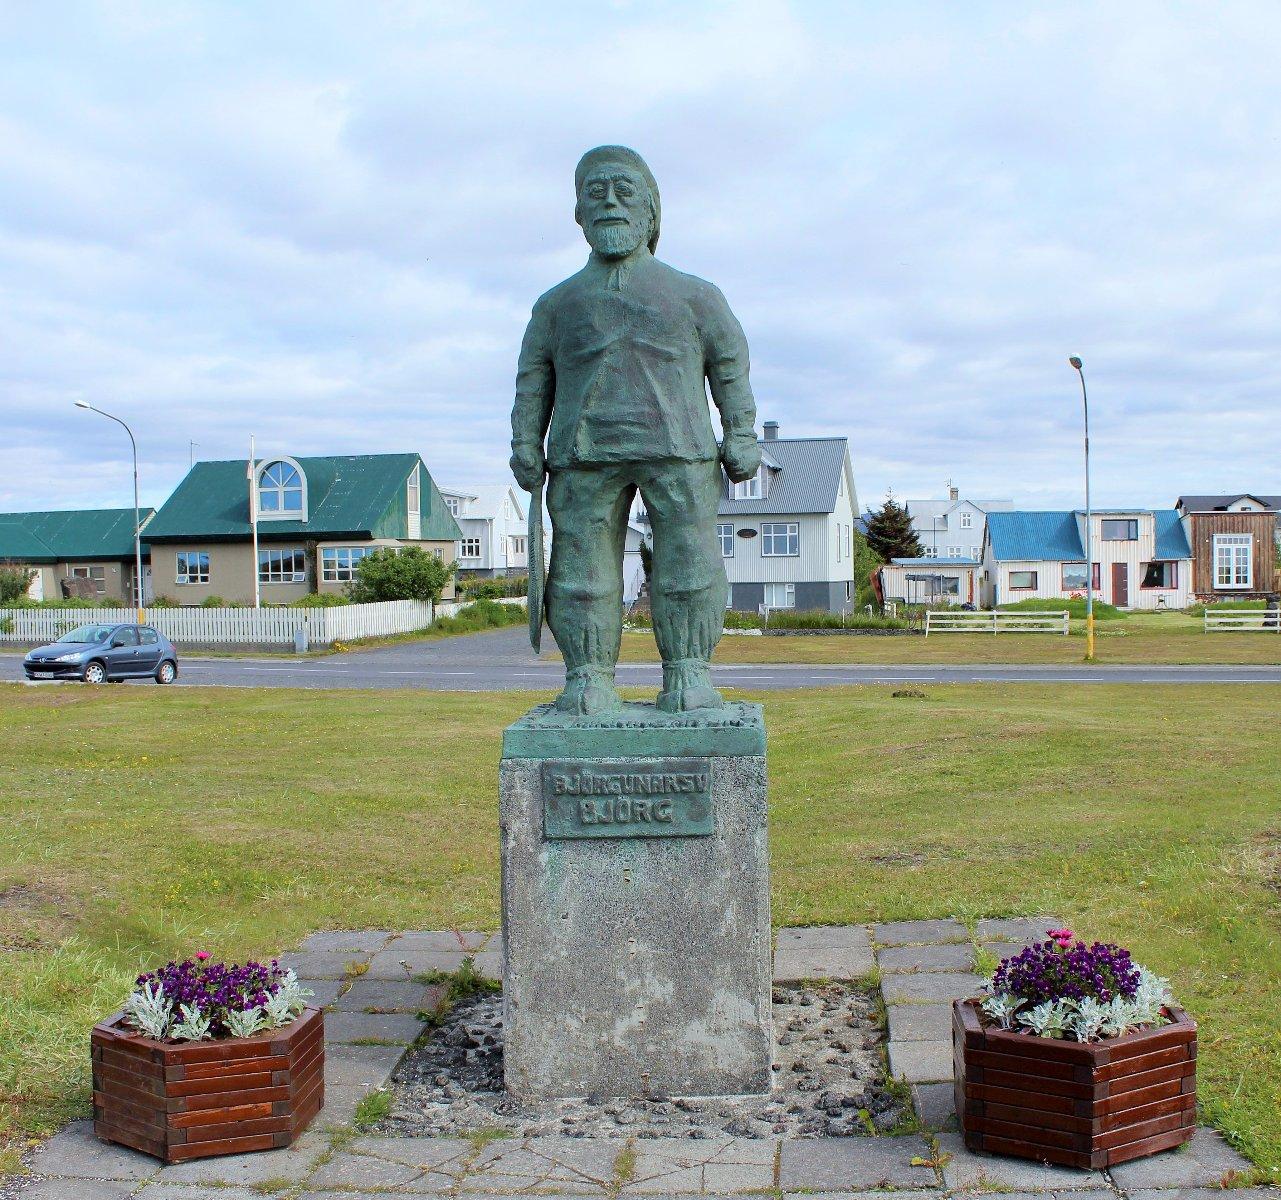 Памятник рыбаку в Эйрабакки, Исландия, фото Стасмир, photo Stasmir